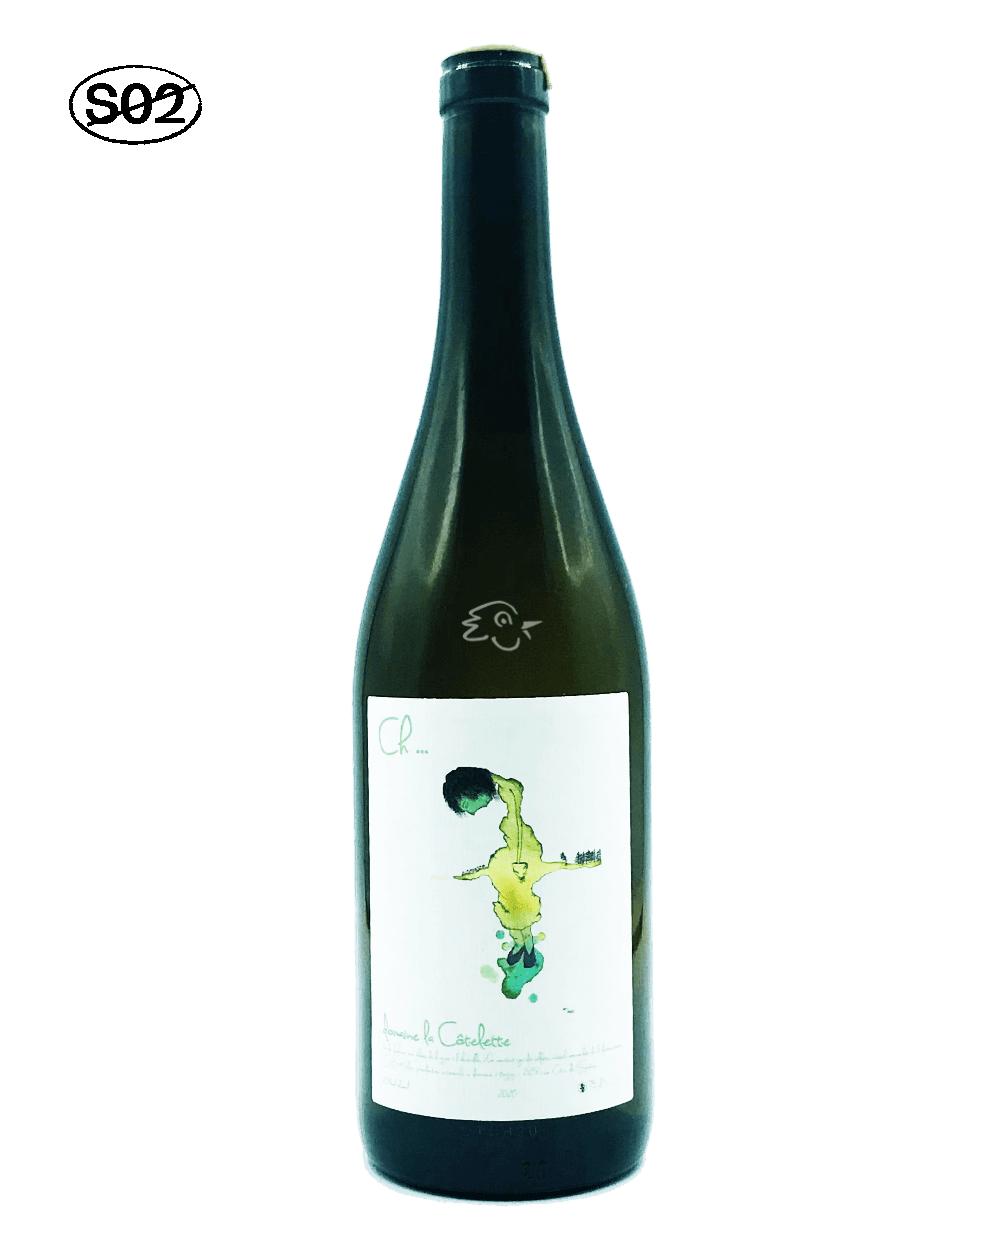 Domaine La Côtelette - Benoit Kilian - Cha... Chardonnay 2020 - Avintures